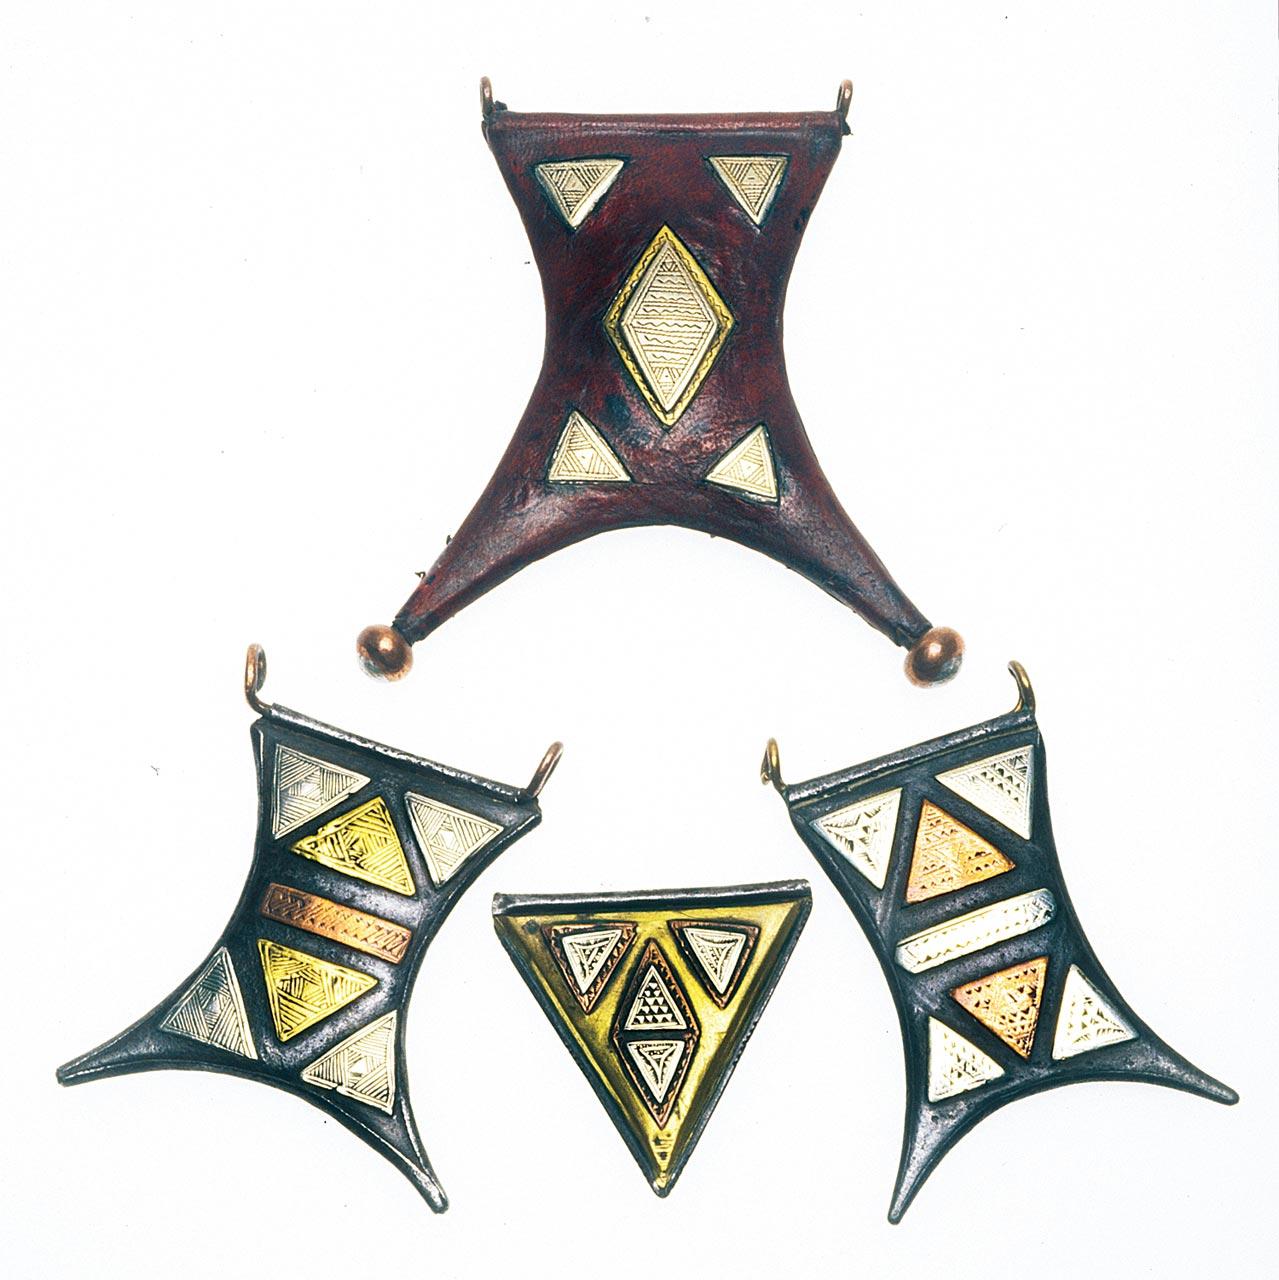 Tuareg_12-94.3-21a.jpg